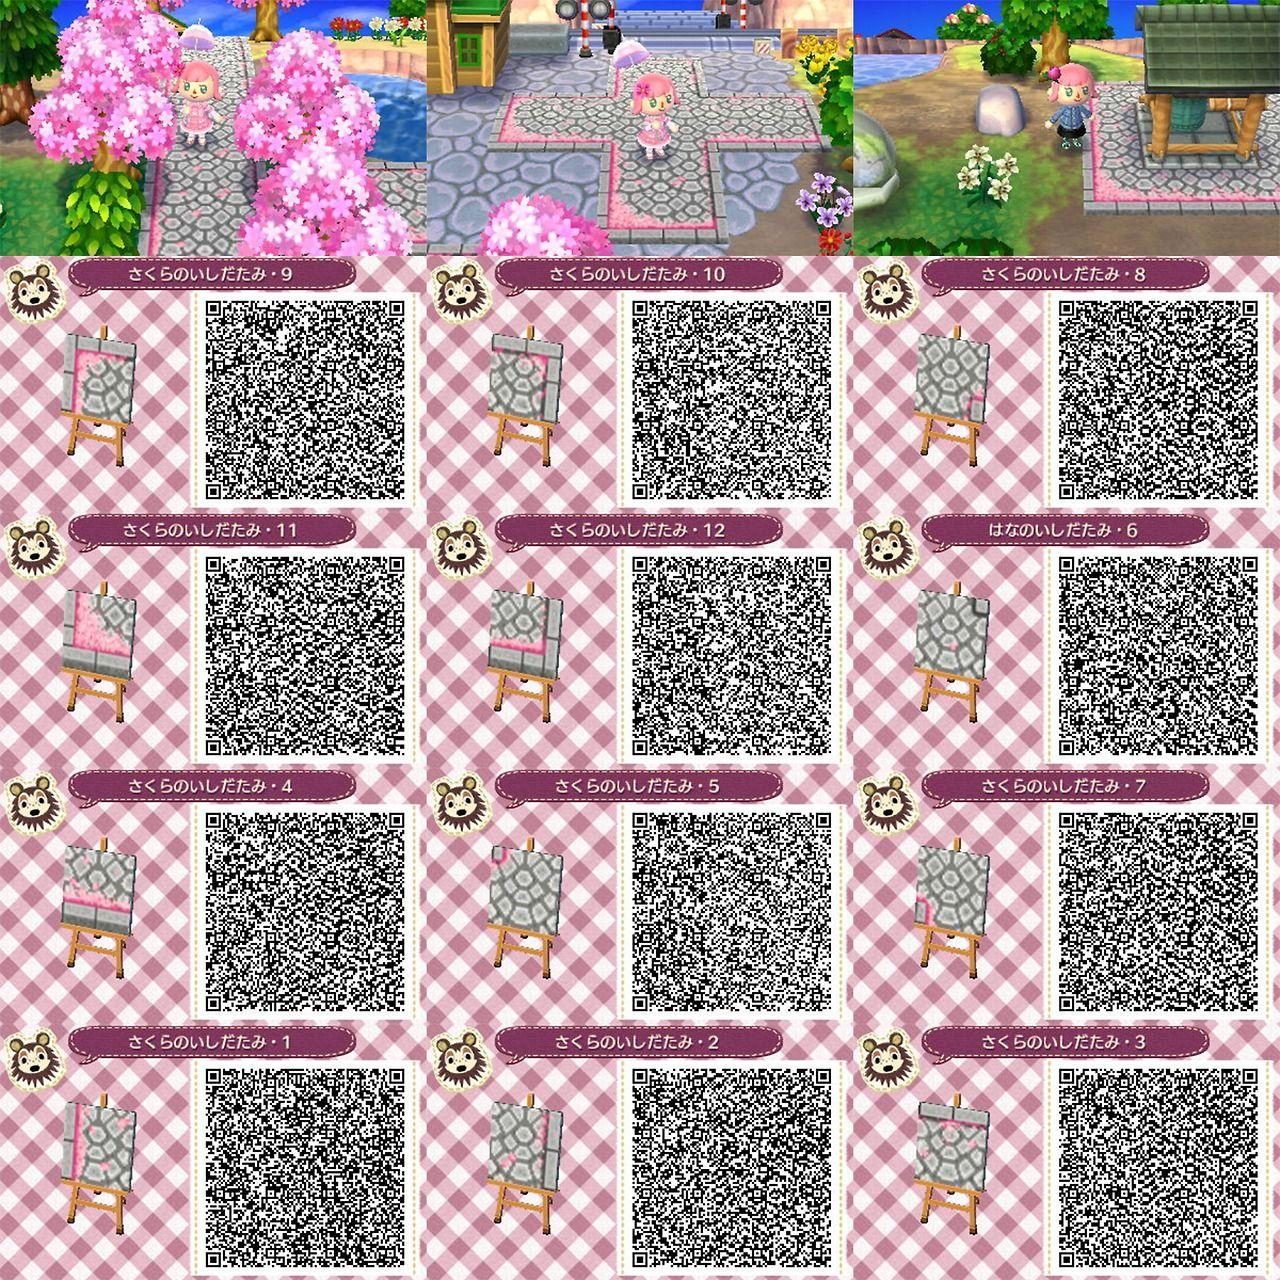 Animal Crossing New Leaf Animal Crossing Qr Animal Crossing Qr Codes Animal Crossing